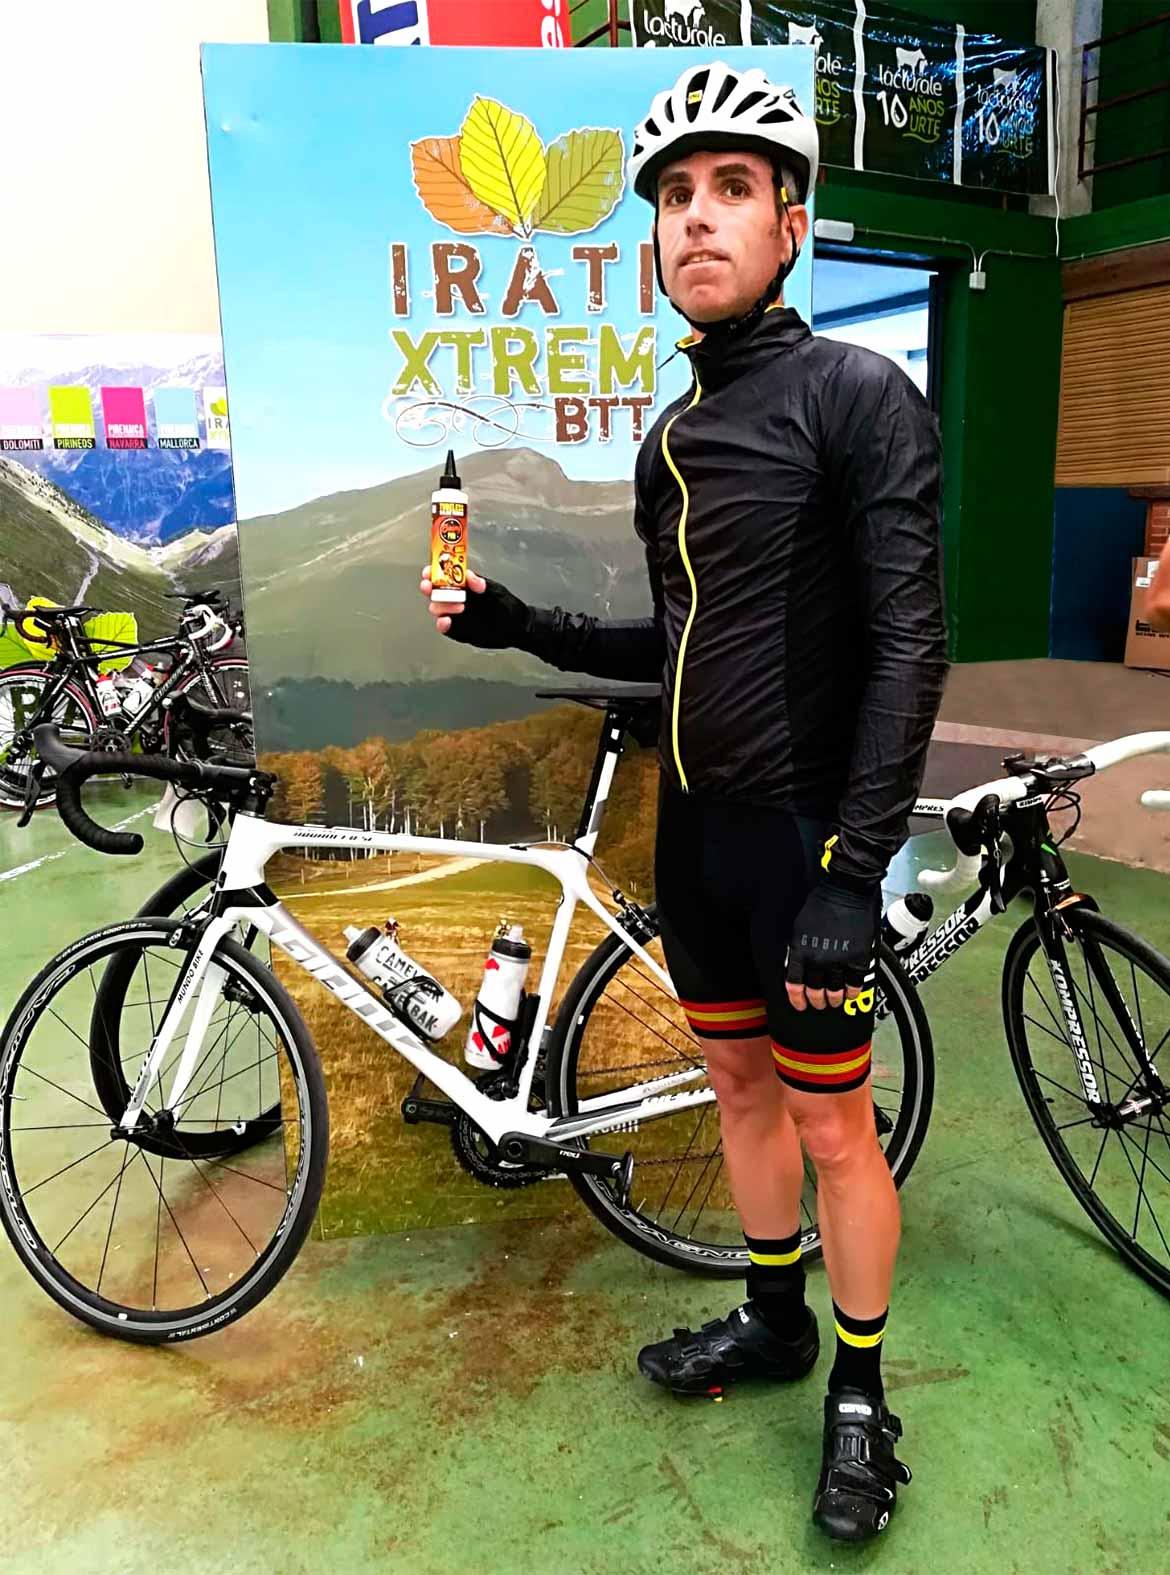 Bikingpro estuvo en la Irati Xtrem 2018 recorriendo la maravillosa Selva de Irati, en Navarra